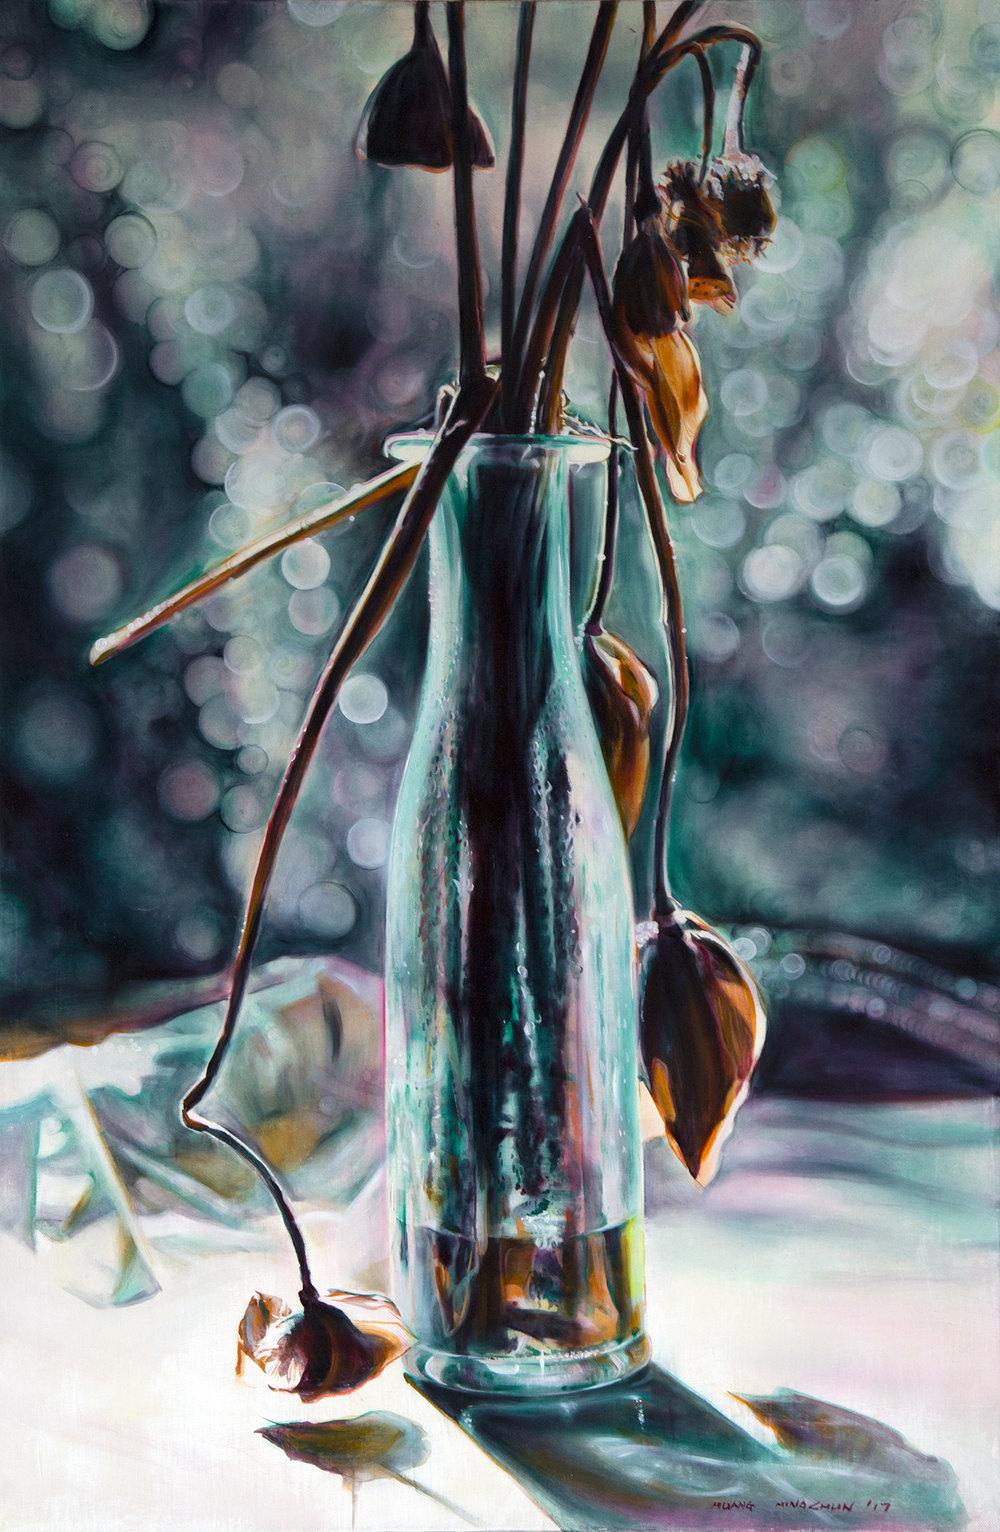 瓶中詩 Poetry in the Vase